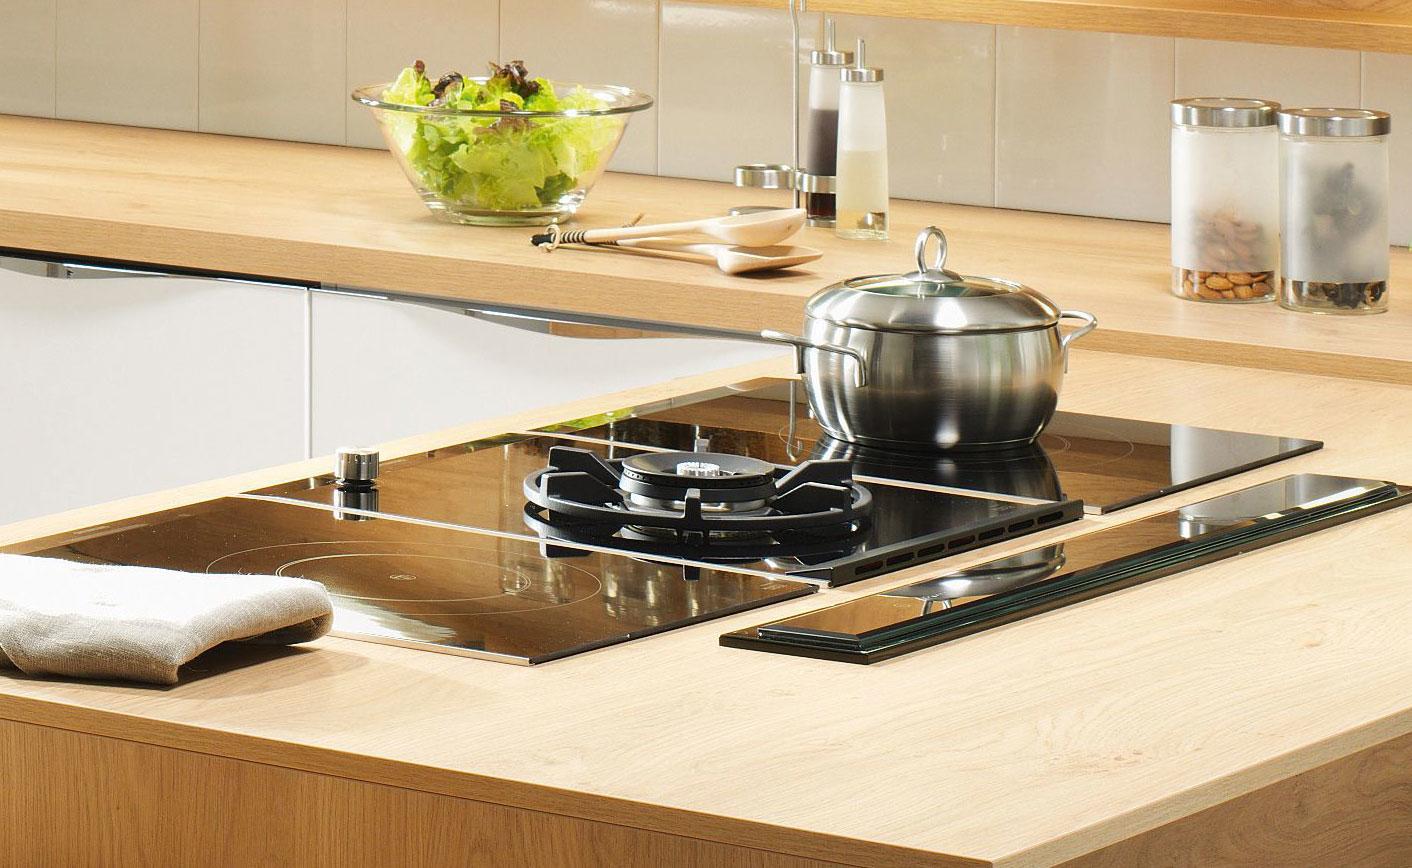 studioHR, DanKuchen Chromform kuhinja bijele boje visokog sjaja, slika 08